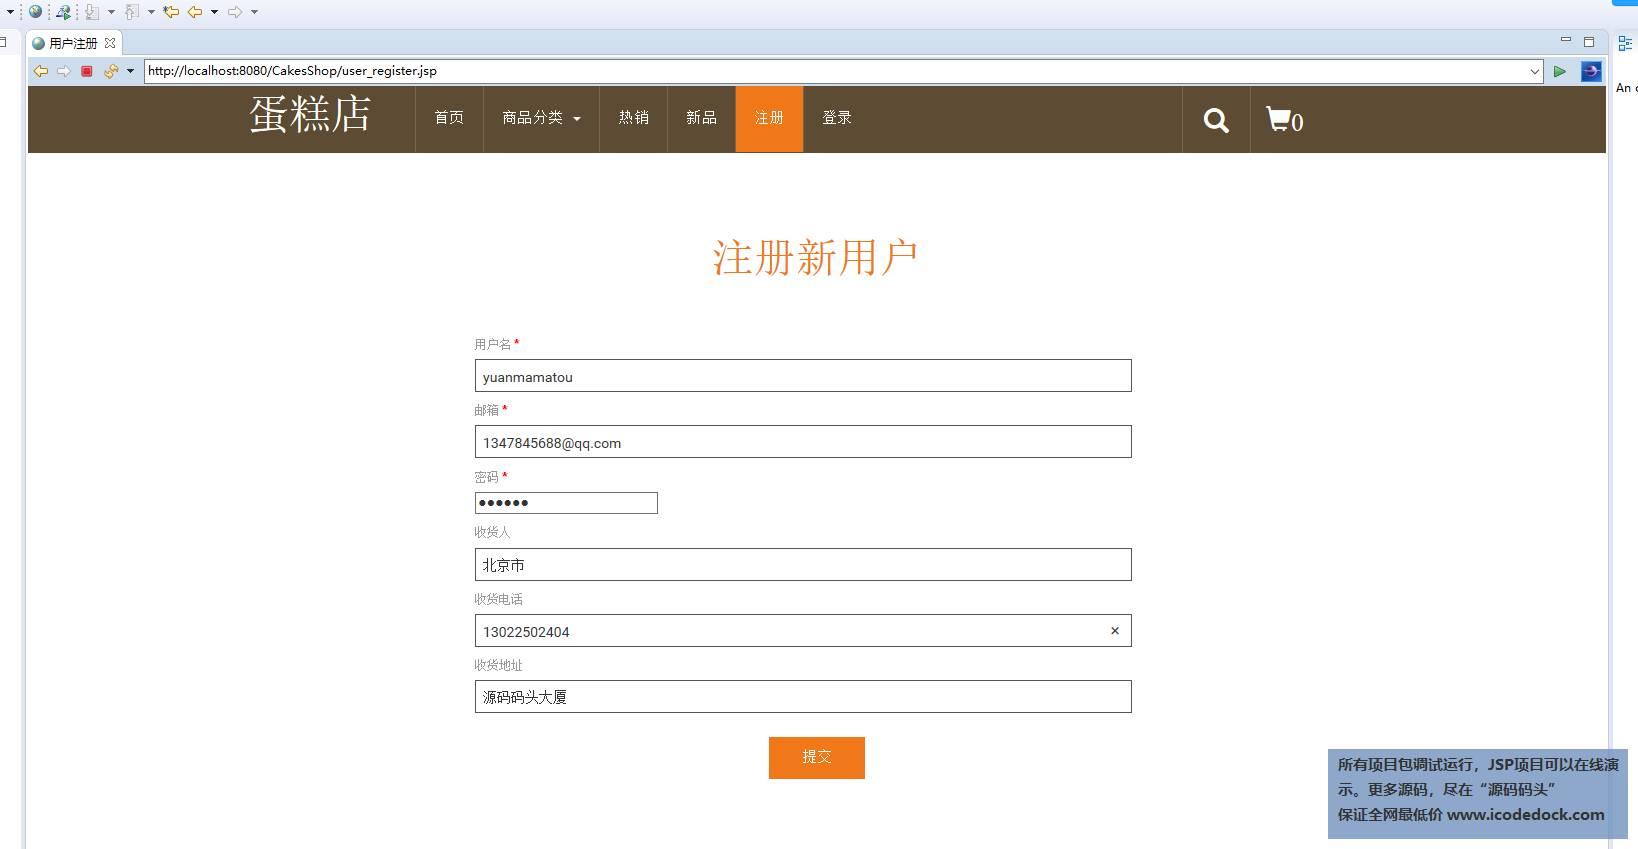 源码码头-JSP蛋糕甜品店管理系统-用户角色-注册新用户